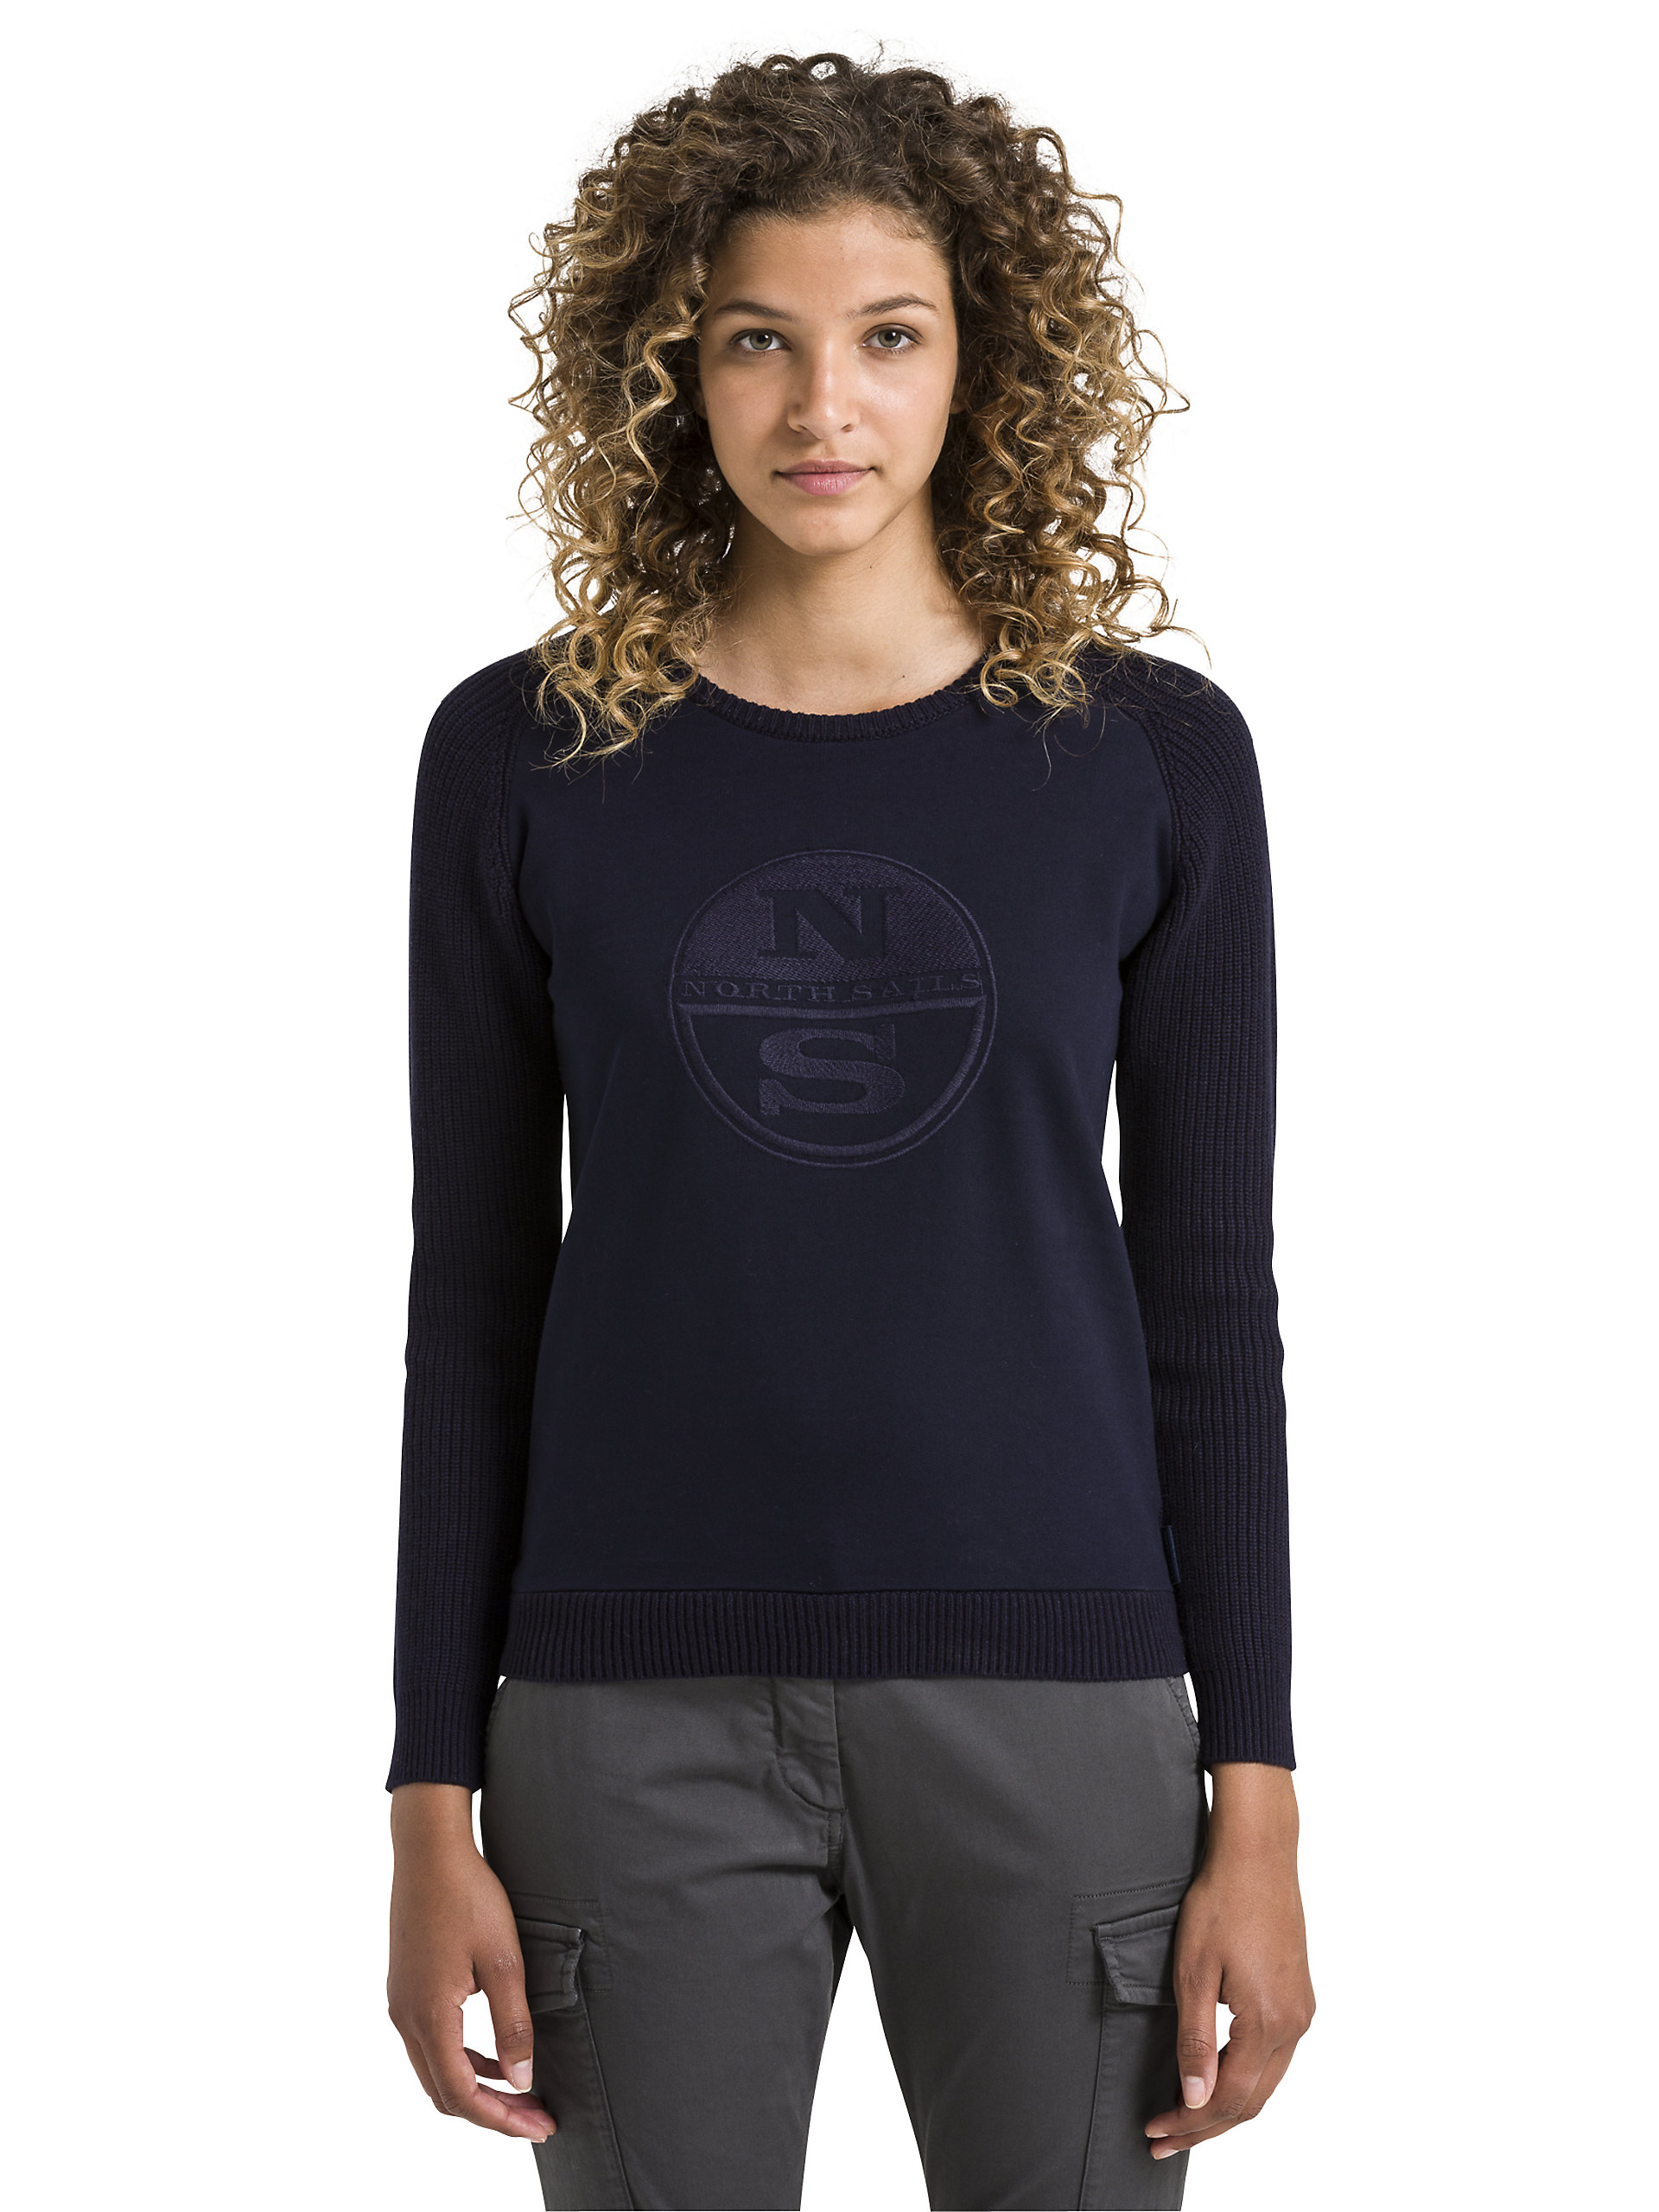 North Sails Modisch Langärmelige Langärmelige Langärmelige Pullover aus Wolle Mischung Damen    | Viele Sorten  | Abgabepreis  | Genial Und Praktisch  dcf0ea